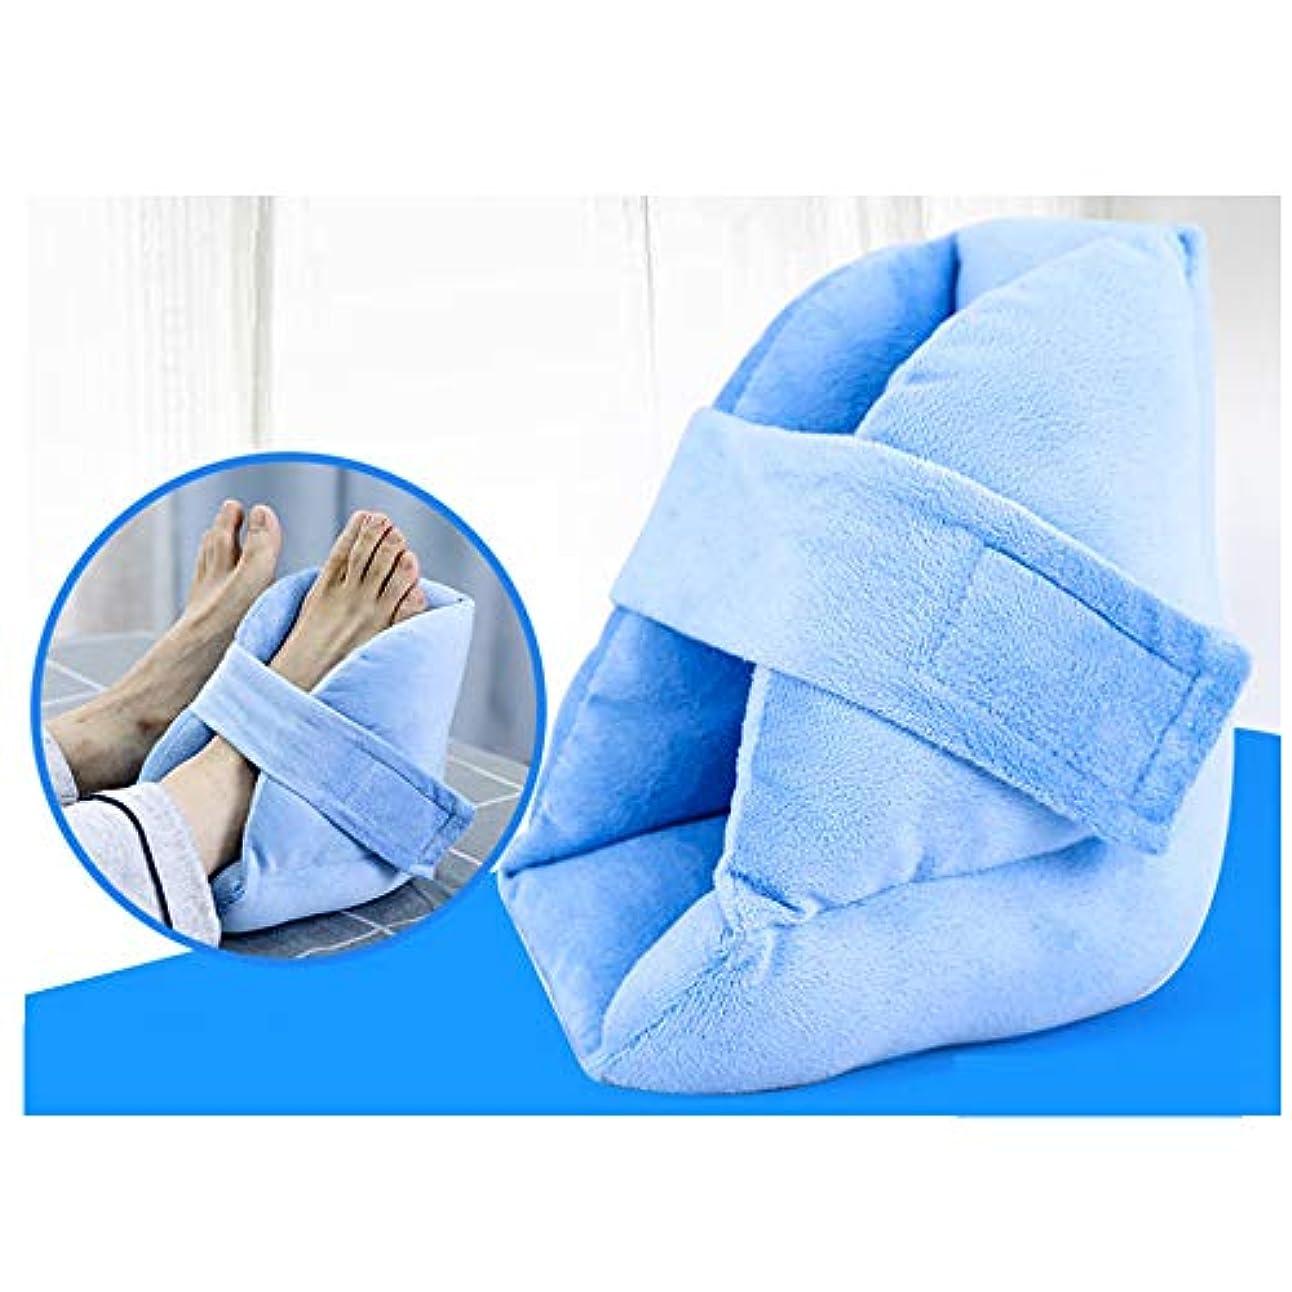 納屋エール強化するヒールプロテクター、柔らかく快適な足用枕、高齢者用足補正カバー-1ペア